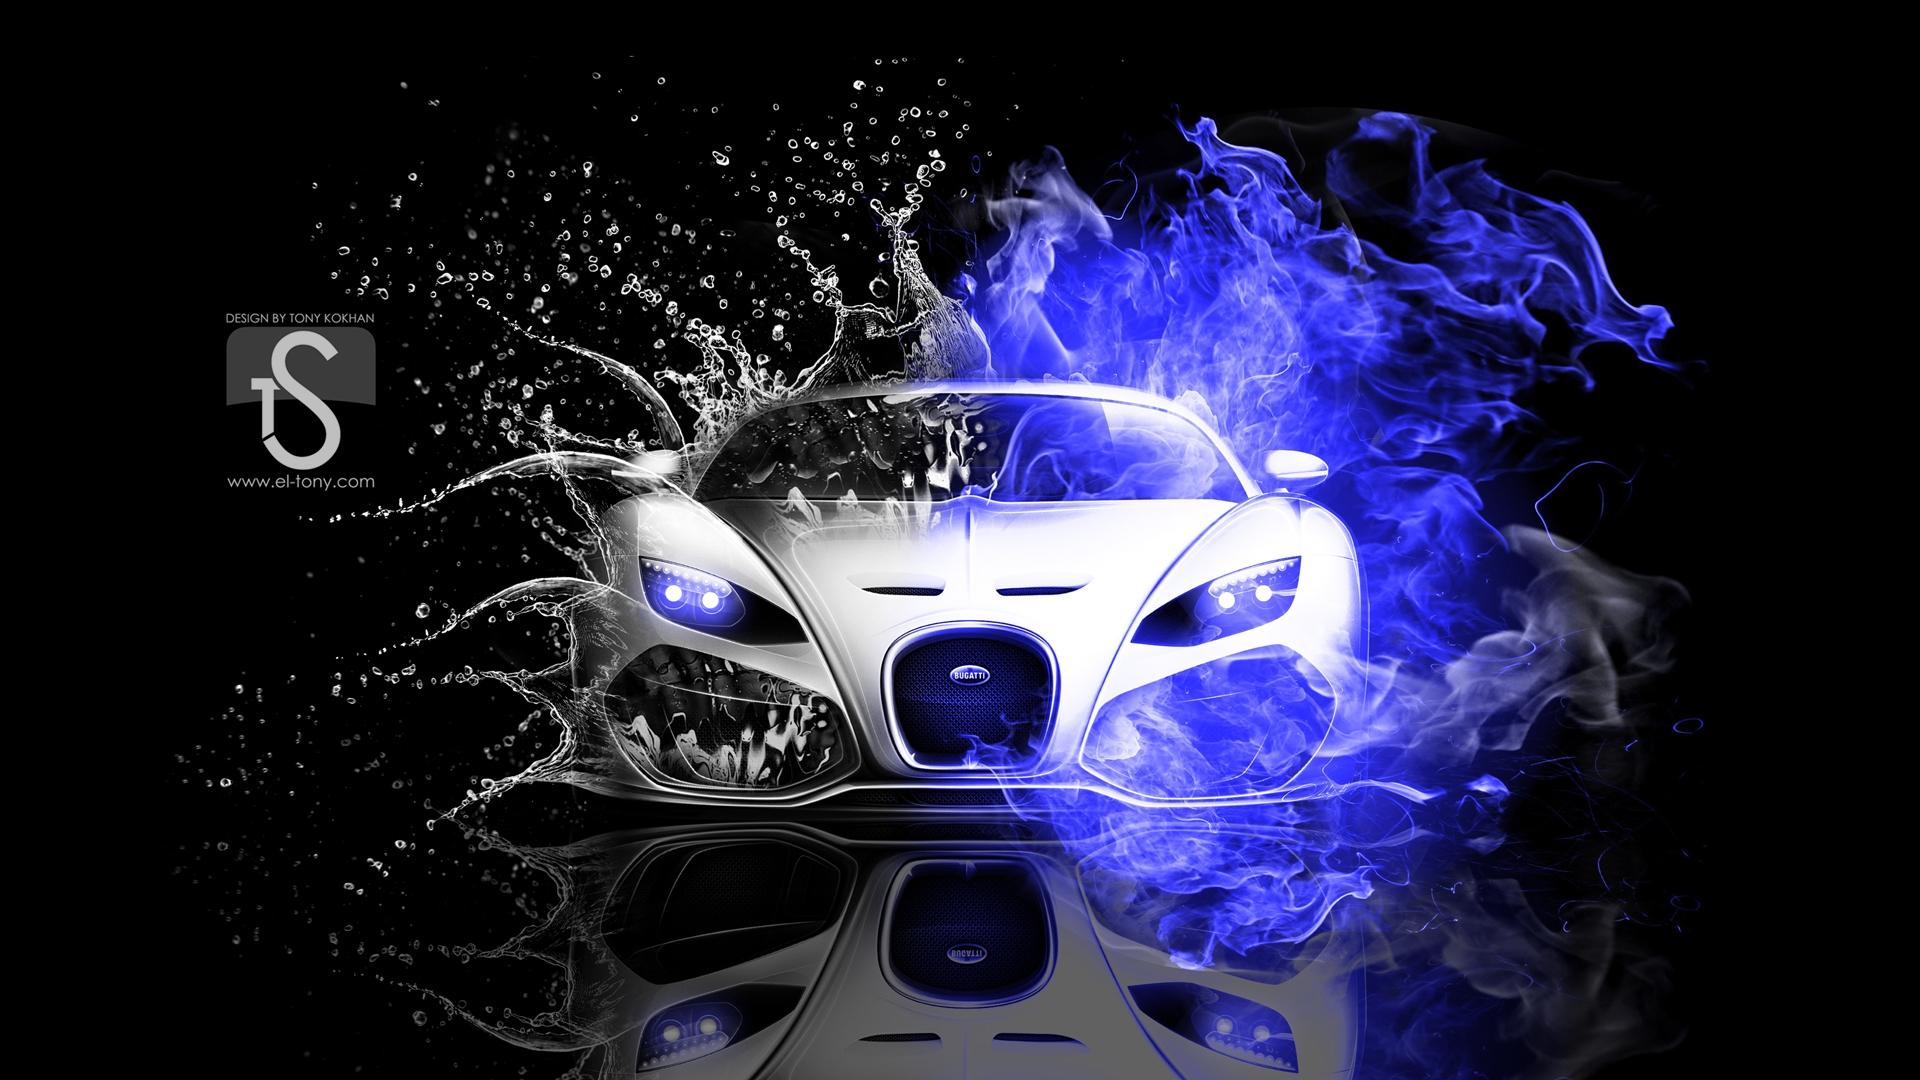 Car Wallpaper Hd 1080P 263318 1920x1080